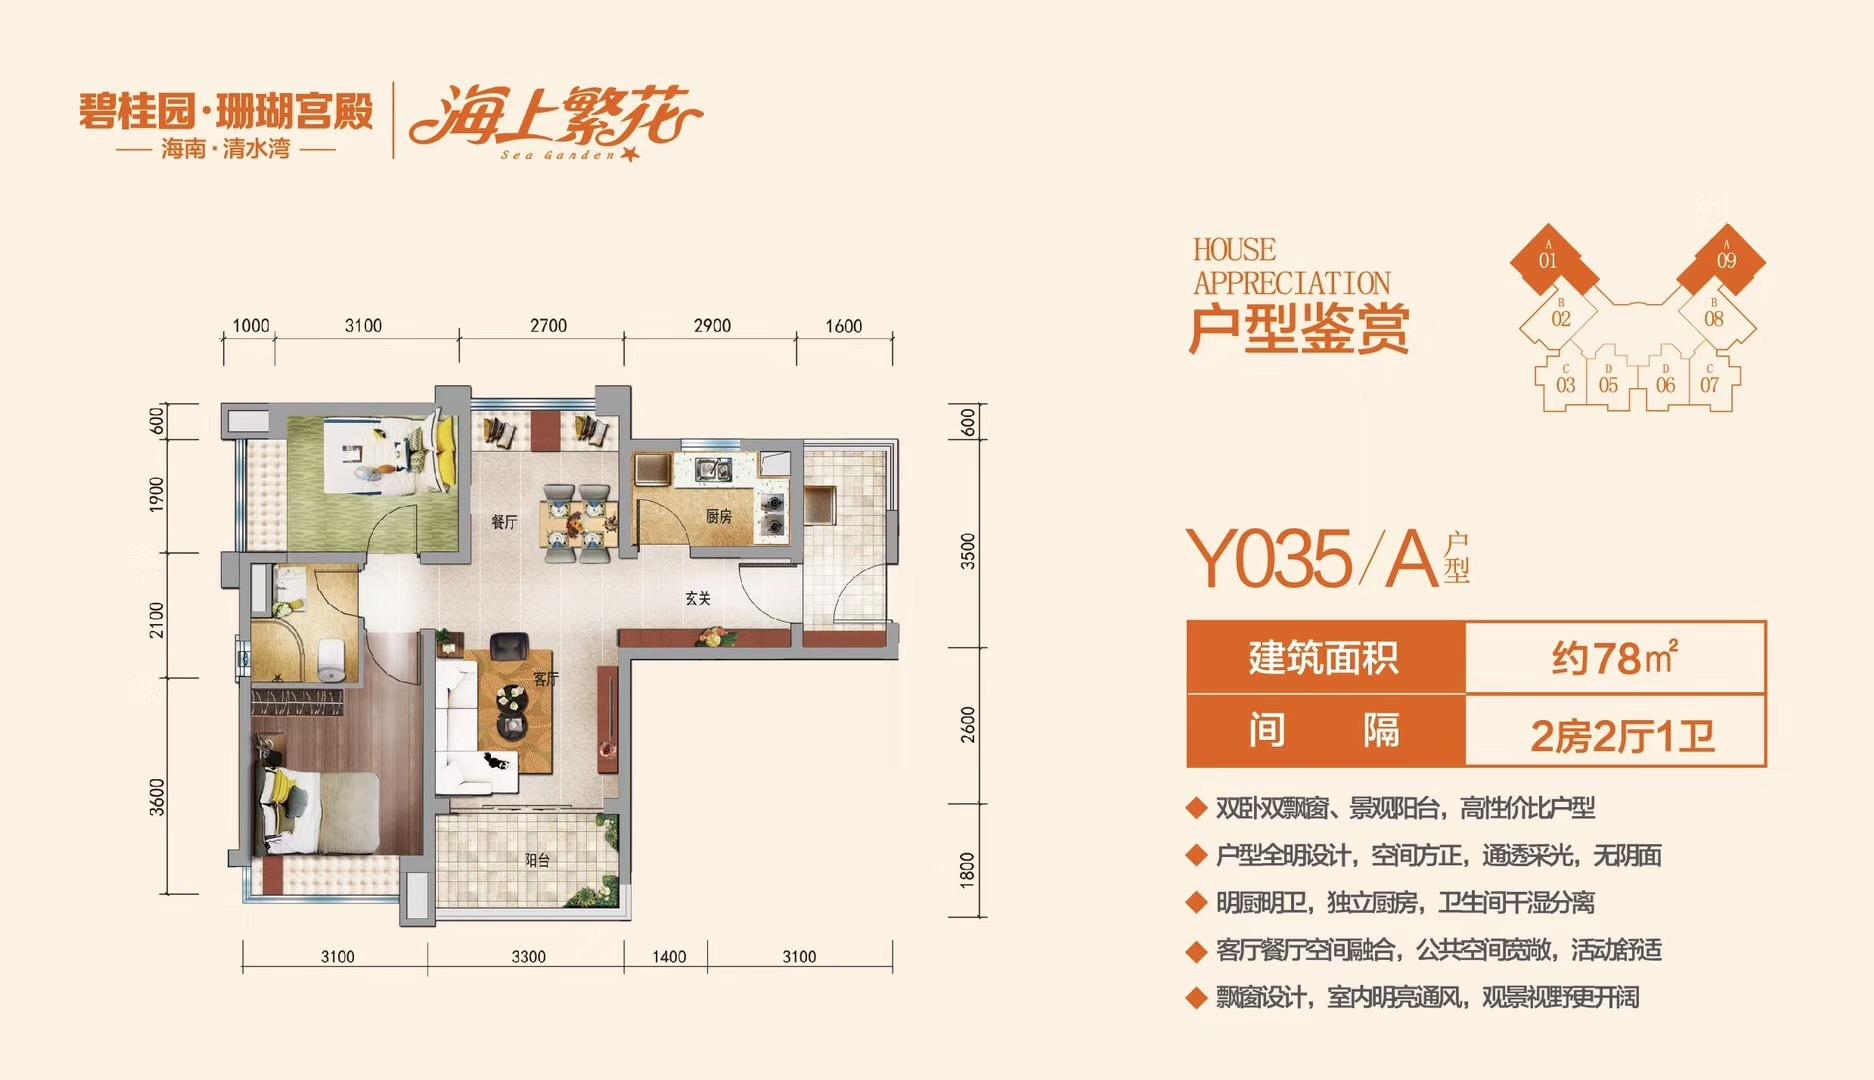 碧桂园珊瑚宫殿2室2厅1卫 (建筑面积:78.00㎡)